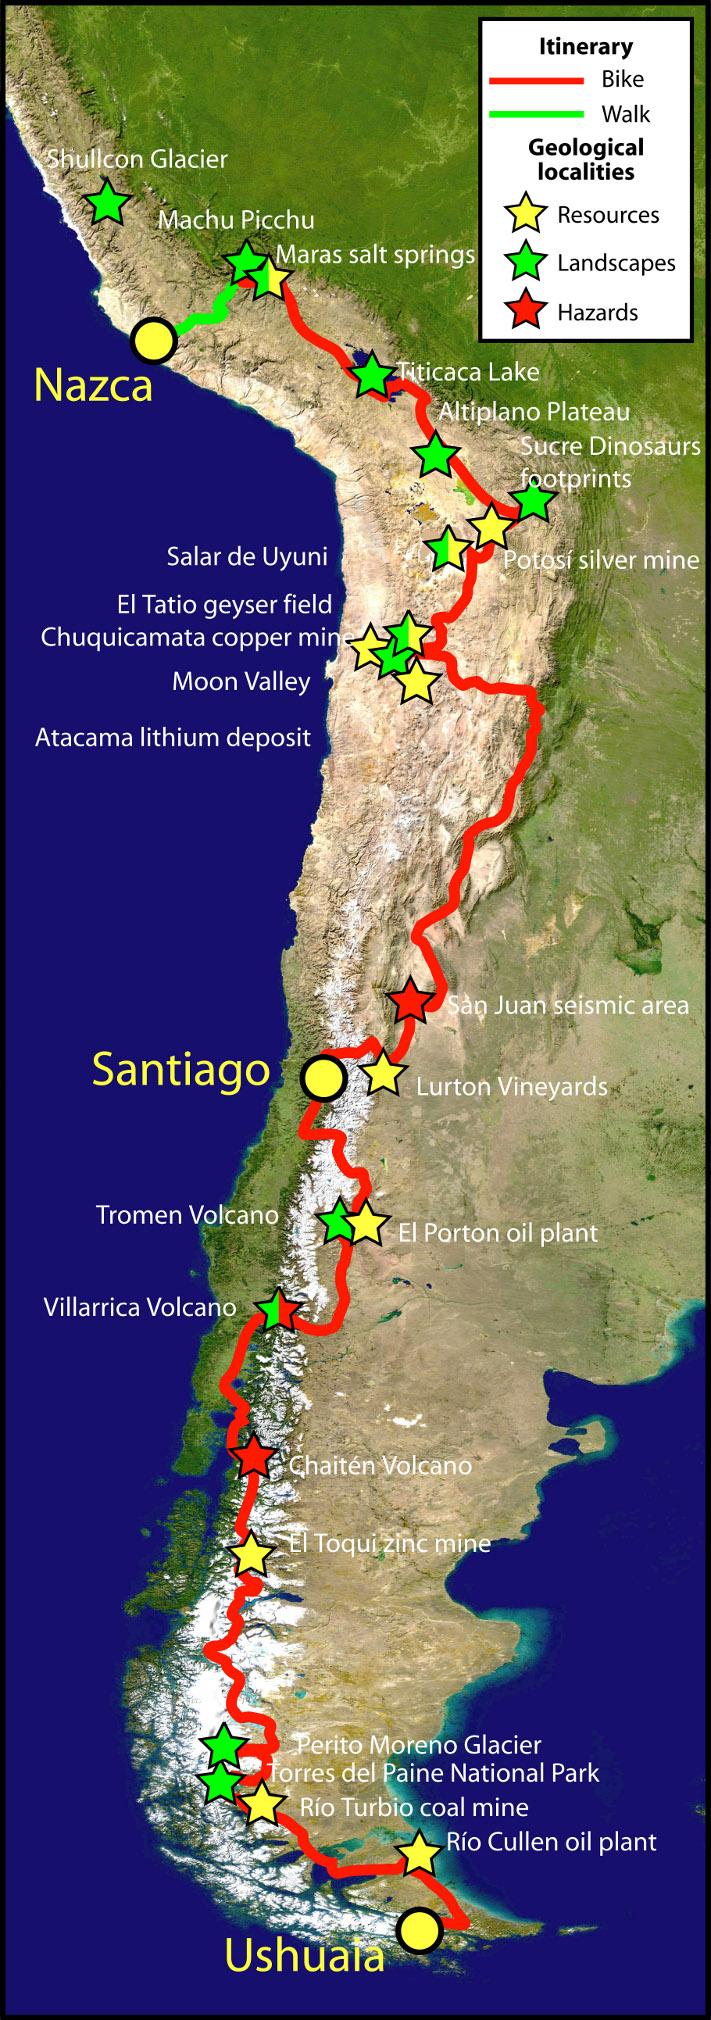 De to geologene syklet mer enn halve Sør-Amerika på langs. Starten gikk i Ushuaia lengst sør i Argentina og endte opp i Nazca i Peru. I løpet av 8 måneder var 8000 kilometer tilbakelagt på sykkel (det tilsvarer omtrent Oslo-Trondheim tur/retur åtte ganger) og 400 km på føttene. Andesfjellene ble krysset åtte ganger. Stjernene viser steder som ble besøkt som en del av formidlingsprosjektet. Gule stjerner angir steder med geologiske ressurser, grønne stjerner angir spesielt interessante landskaper, mens rød stjerner angir steder med geofarer (vulkanisme, jordskjelv). Turen gikk på langs av Andesfjellene, og prosjektet ble derfor gitt navnet Andean Geotrail. Kartografi: Andean Geotrail